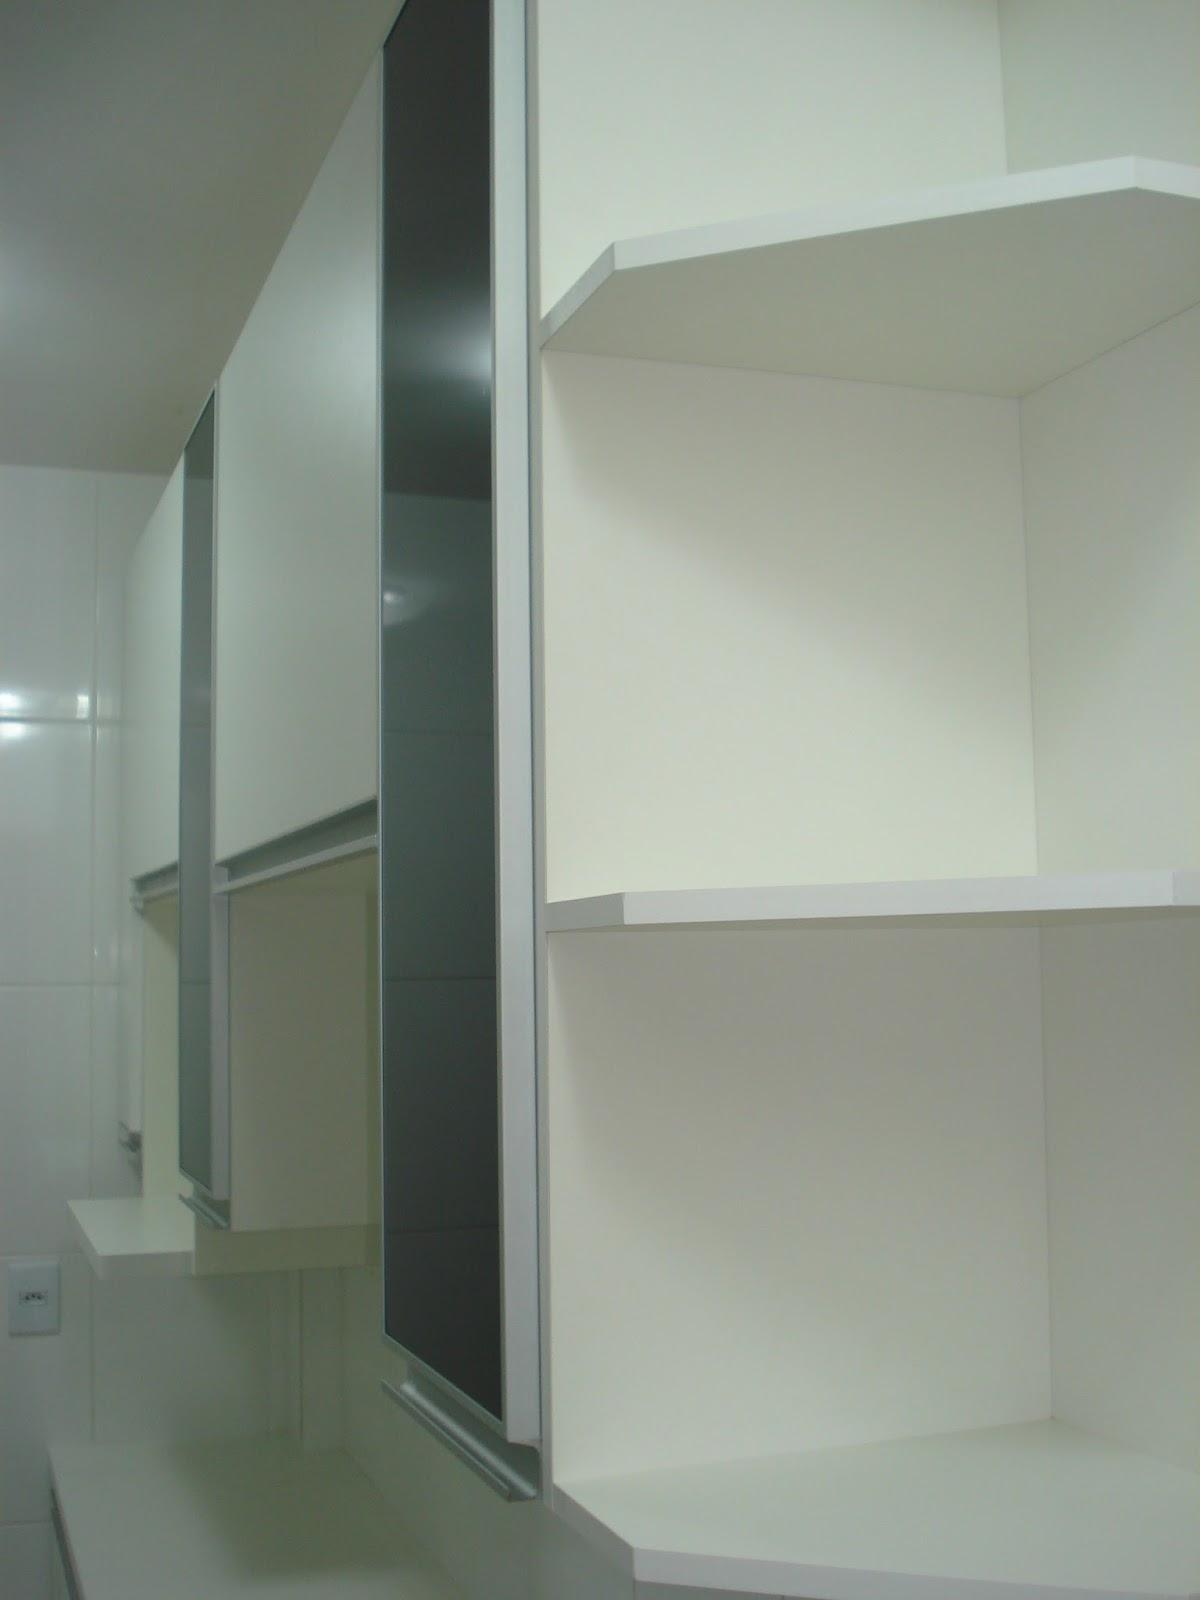 #596150 Planejados: Cozinha (Padrão Branco) Portas em 18mm Puxadores em  534 Janelas Em Aluminio Em Belo Horizonte